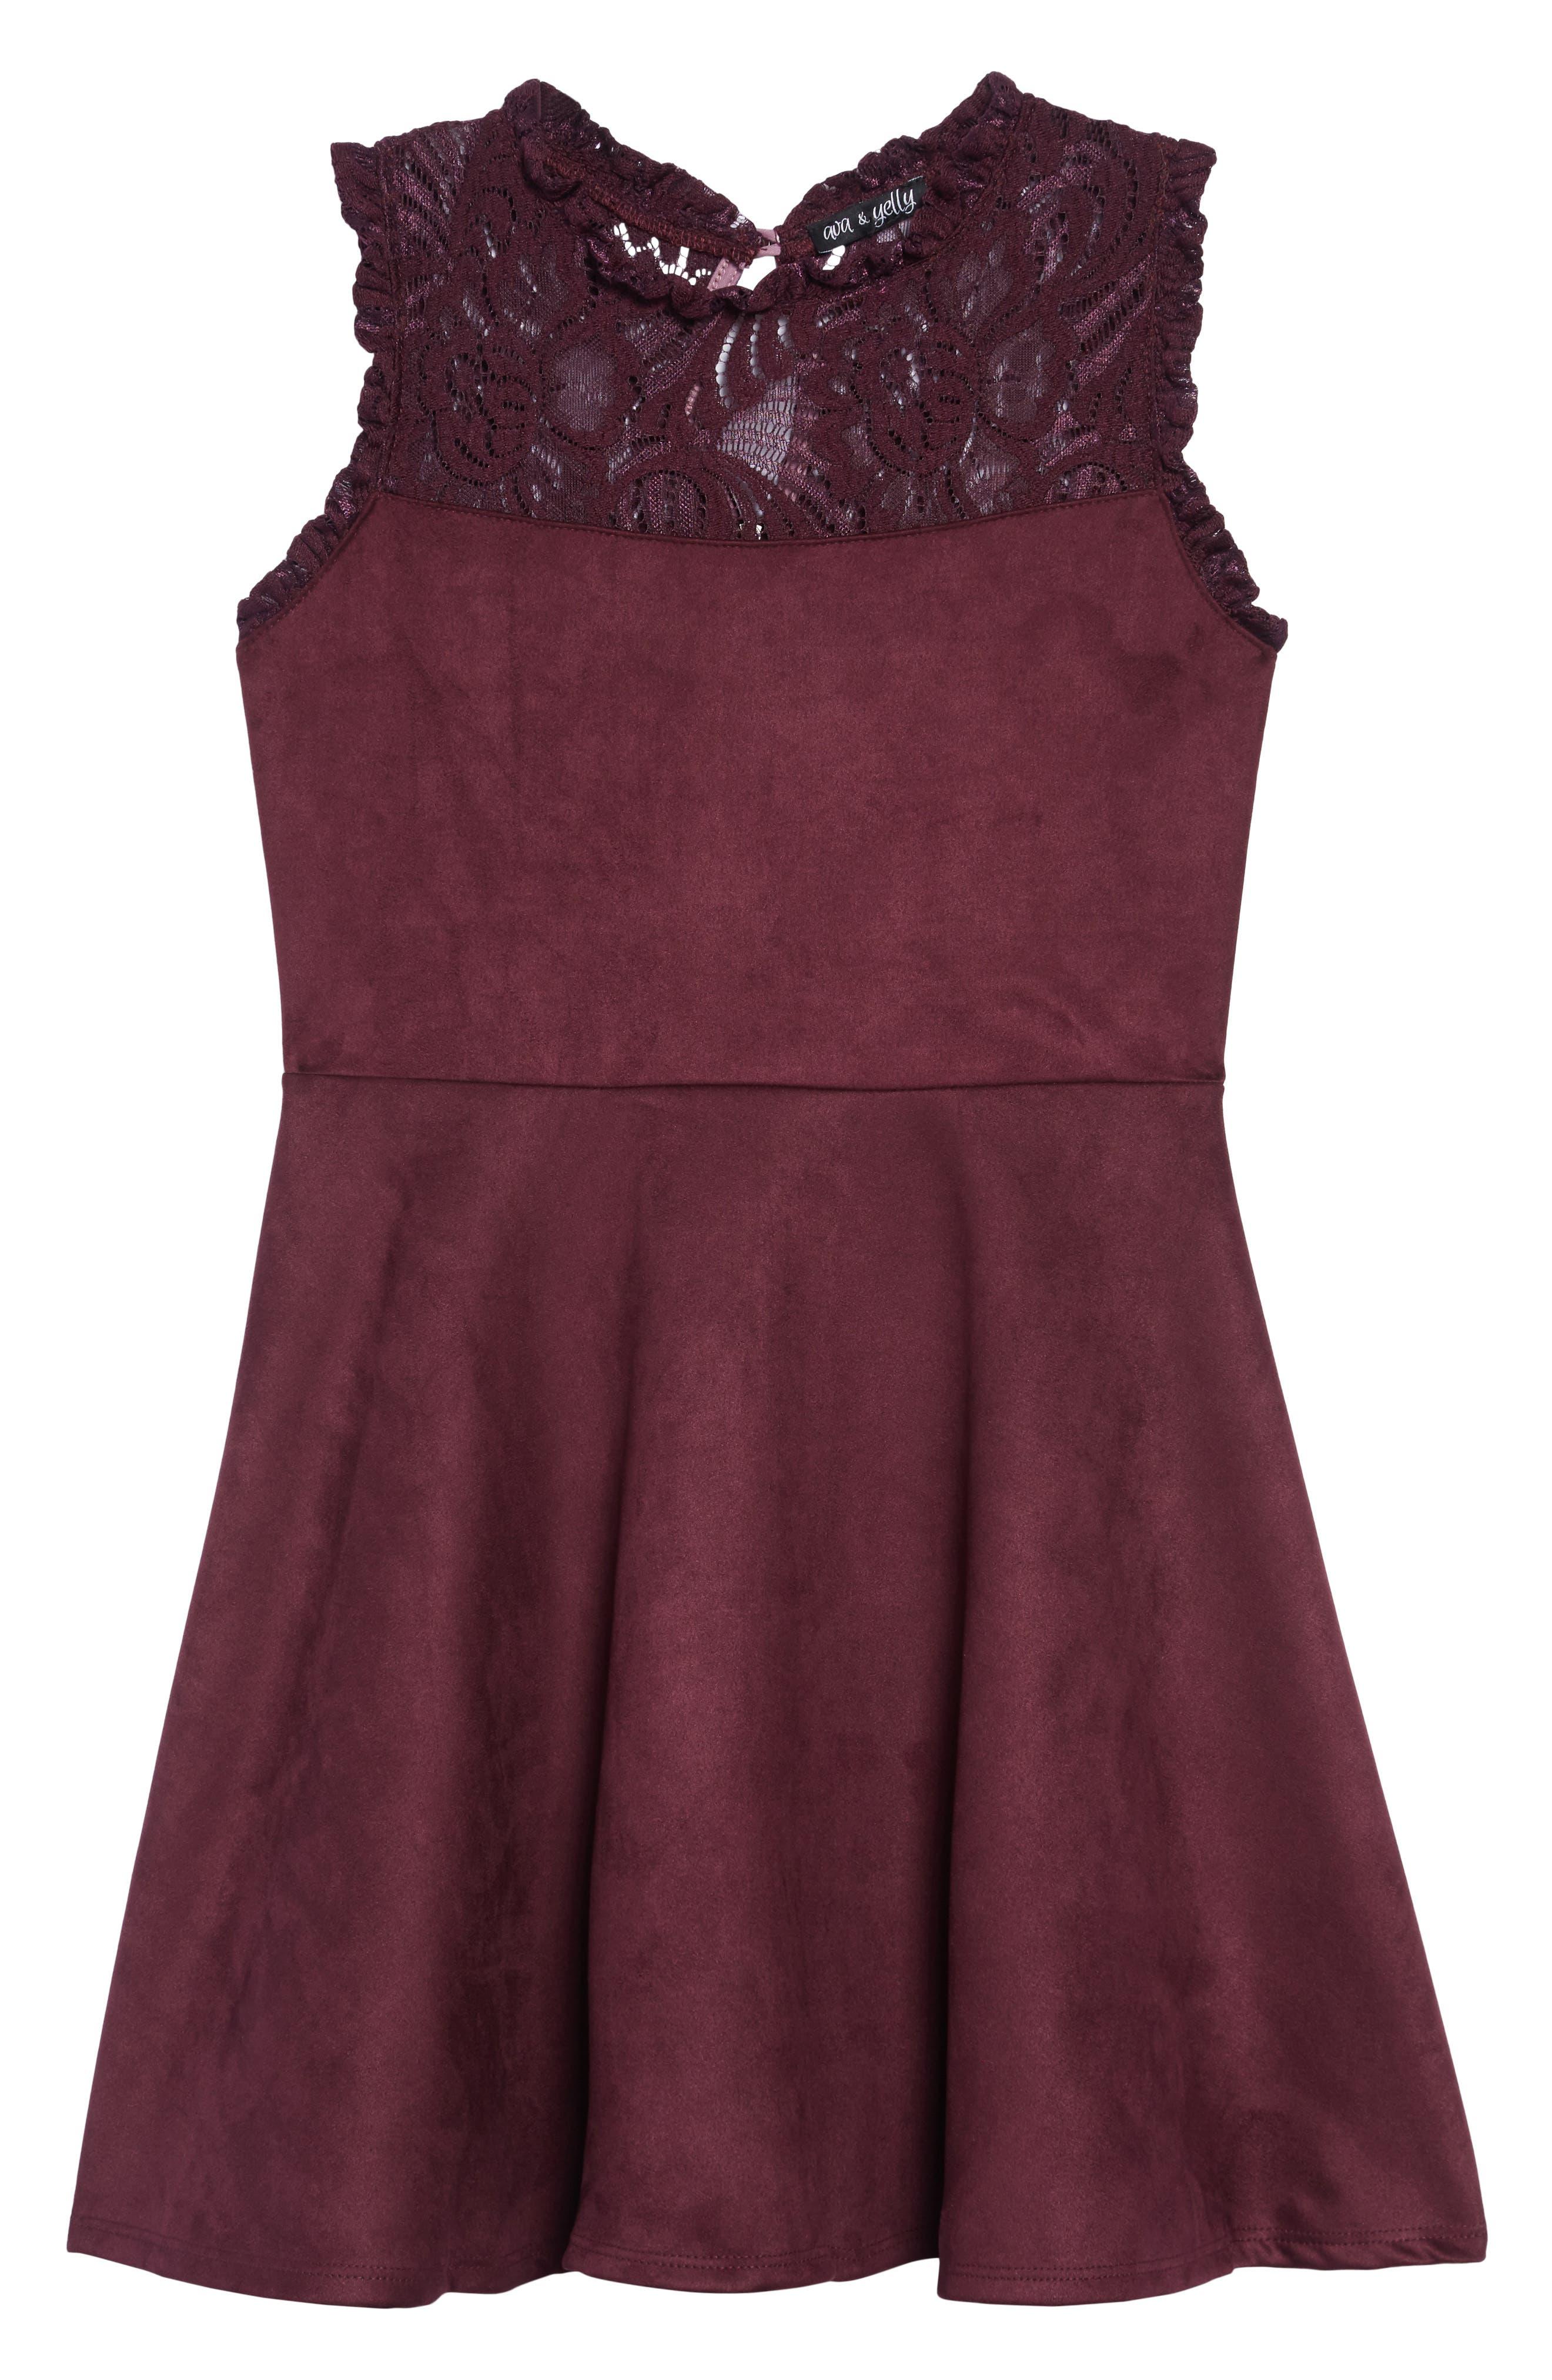 Girls Ava  Yelly Lace Yoke Dress Size 12  Pink